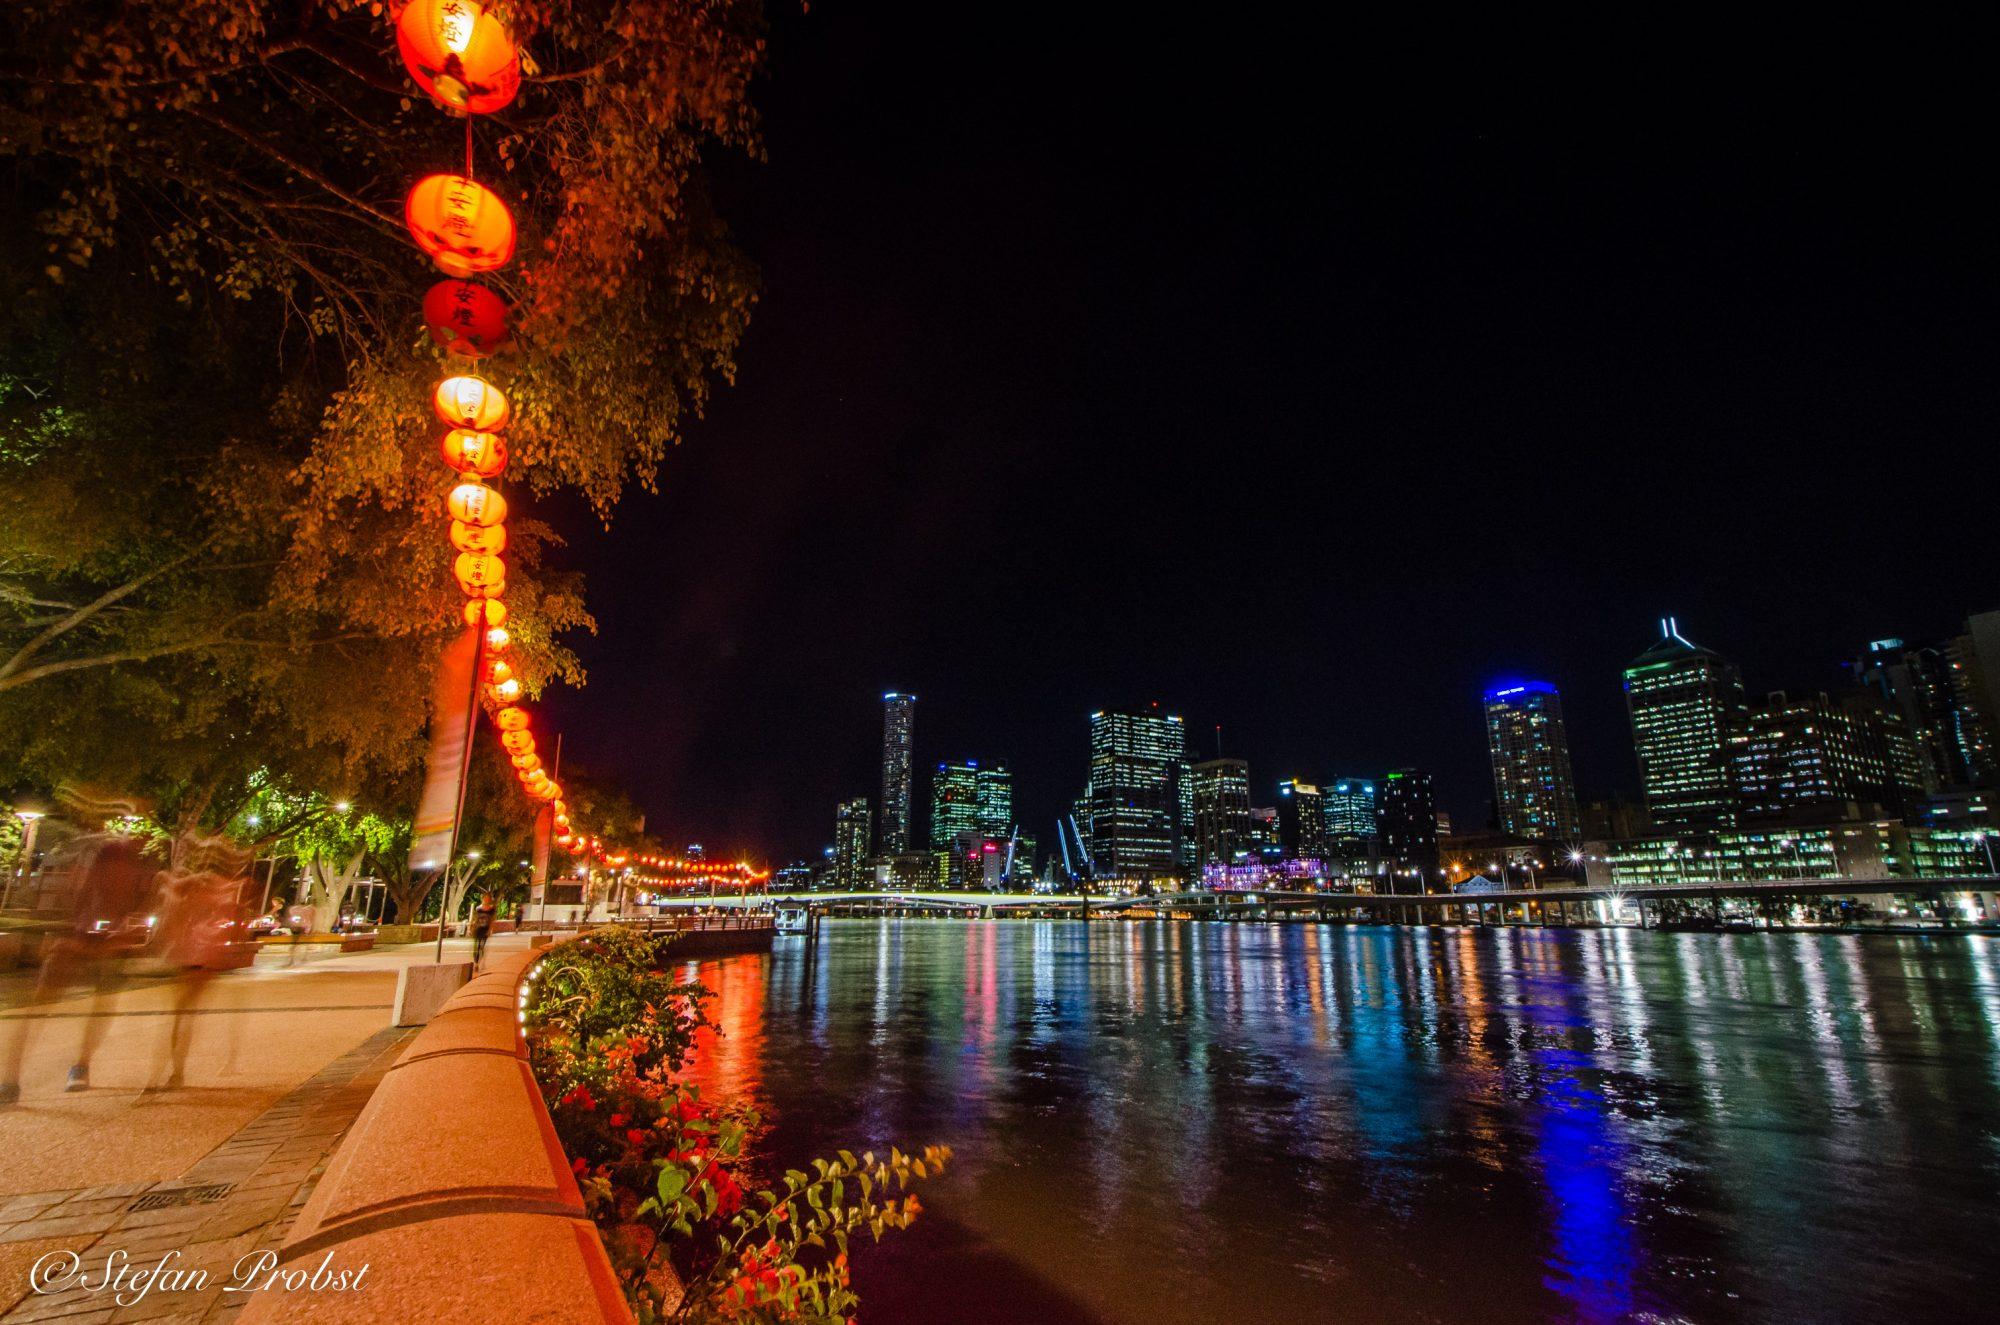 Nächtlicher Blick über die Clem Jon's Promenade auf die Skyline von Brisbane